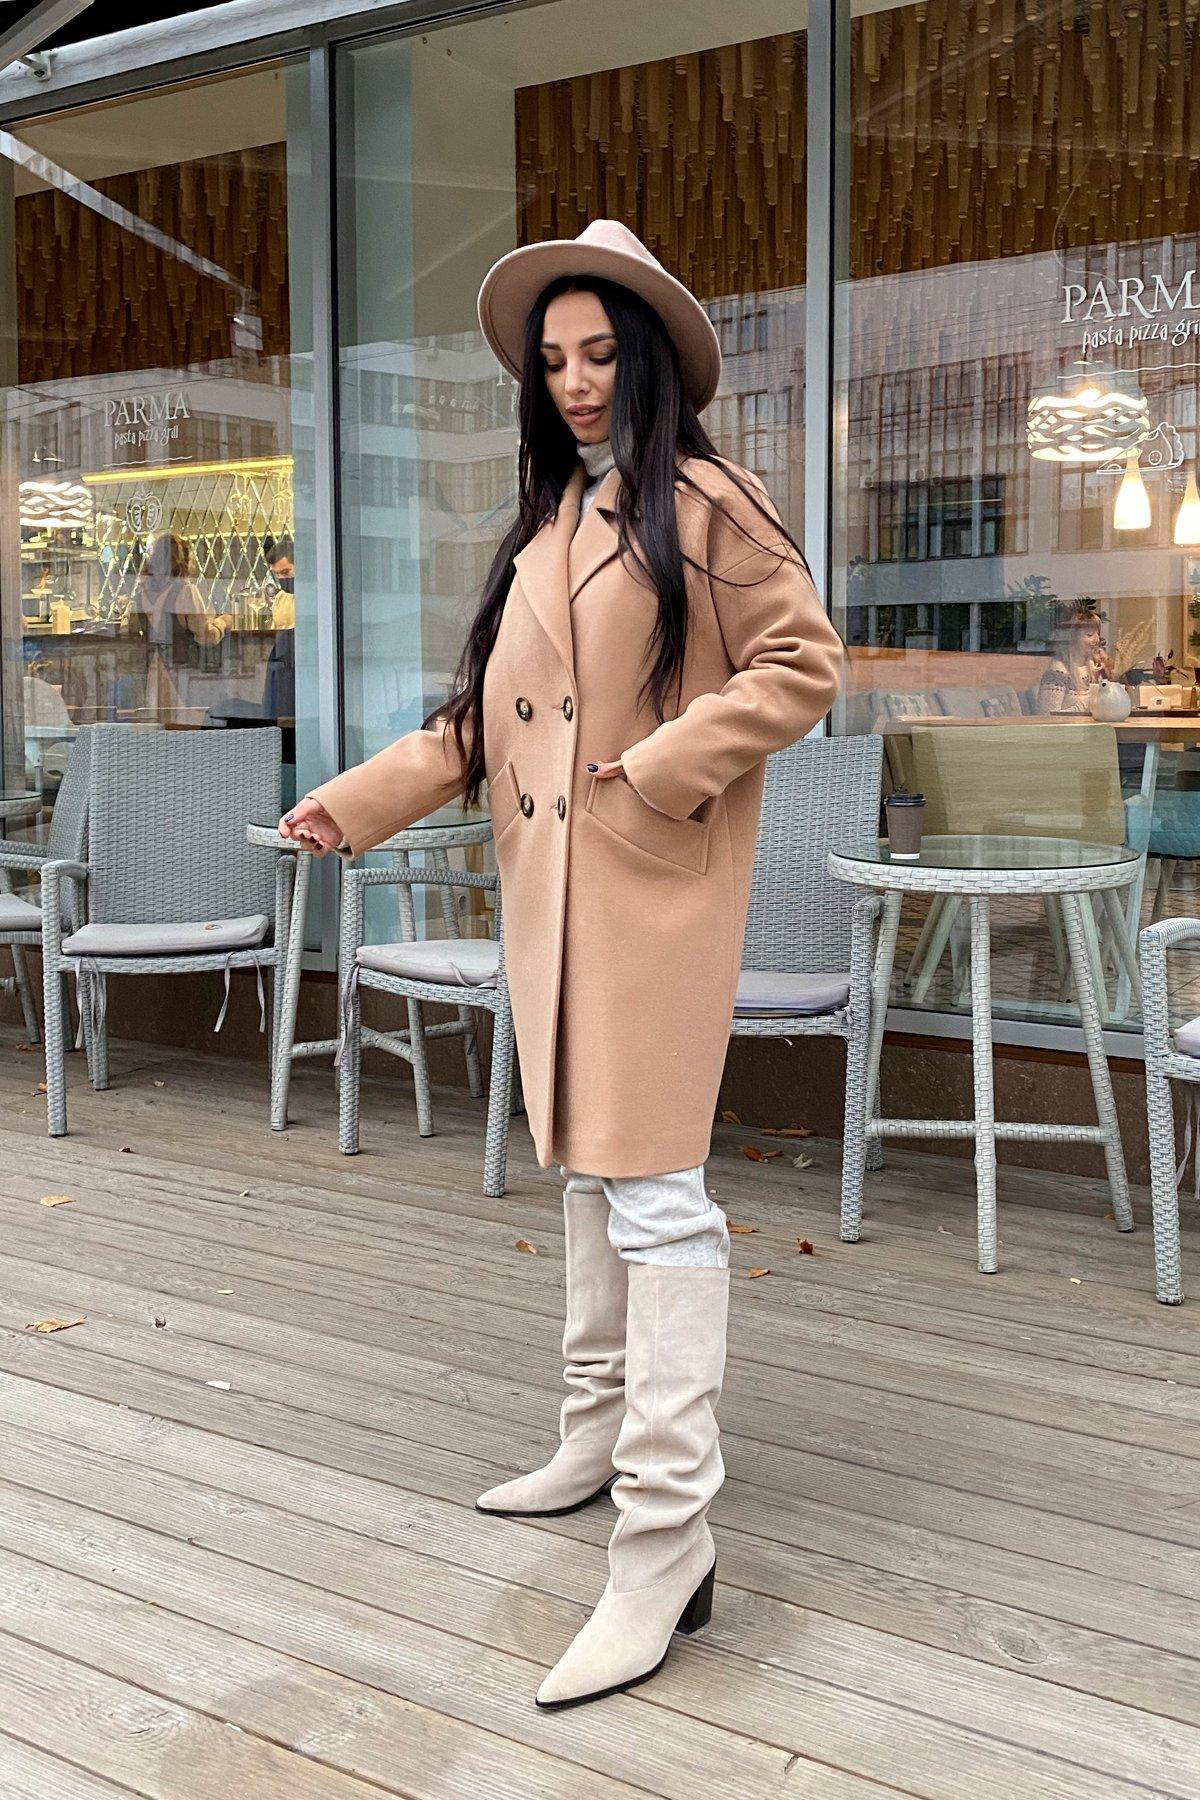 Сенсей кашемир турецкий зима пальто 10043 АРТ. 46336 Цвет: Кемел - фото 2, интернет магазин tm-modus.ru